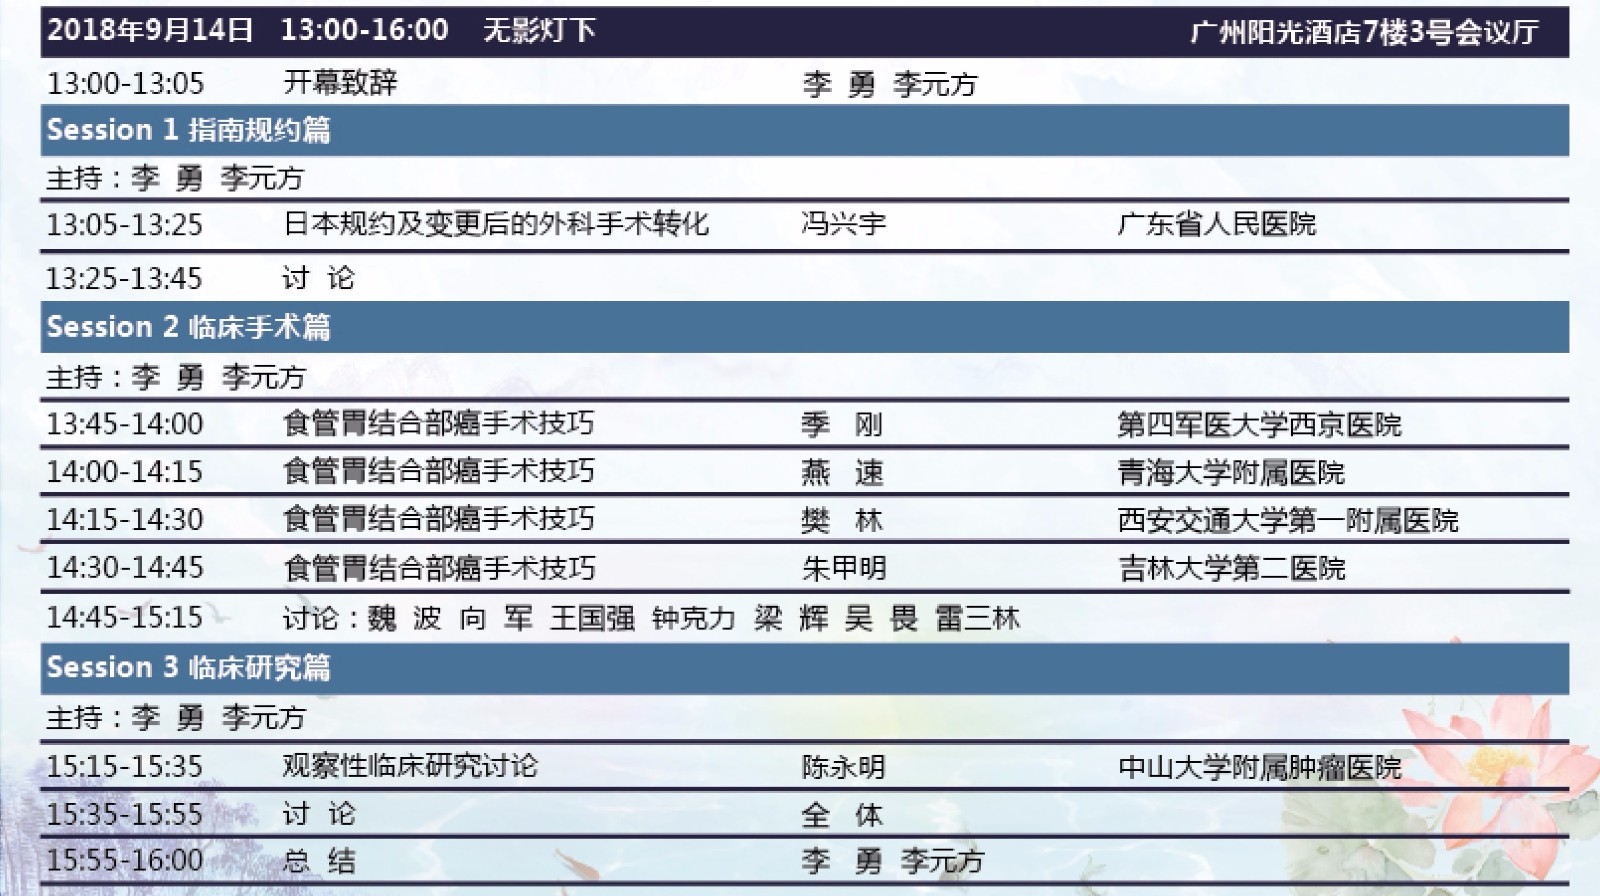 会议日程1.jpg